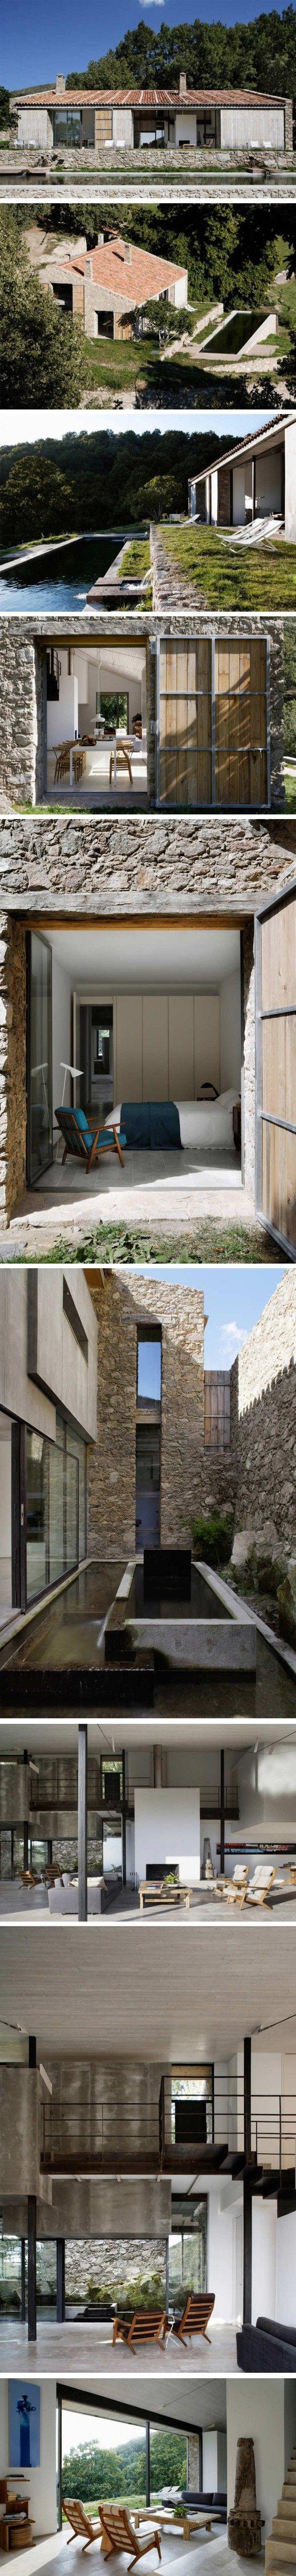 Maison de campagne à Caceres, Espagne Située dans un environnement privilégié, où le climat est doux et la nature luxuriante, cette ancienne écurie abandon